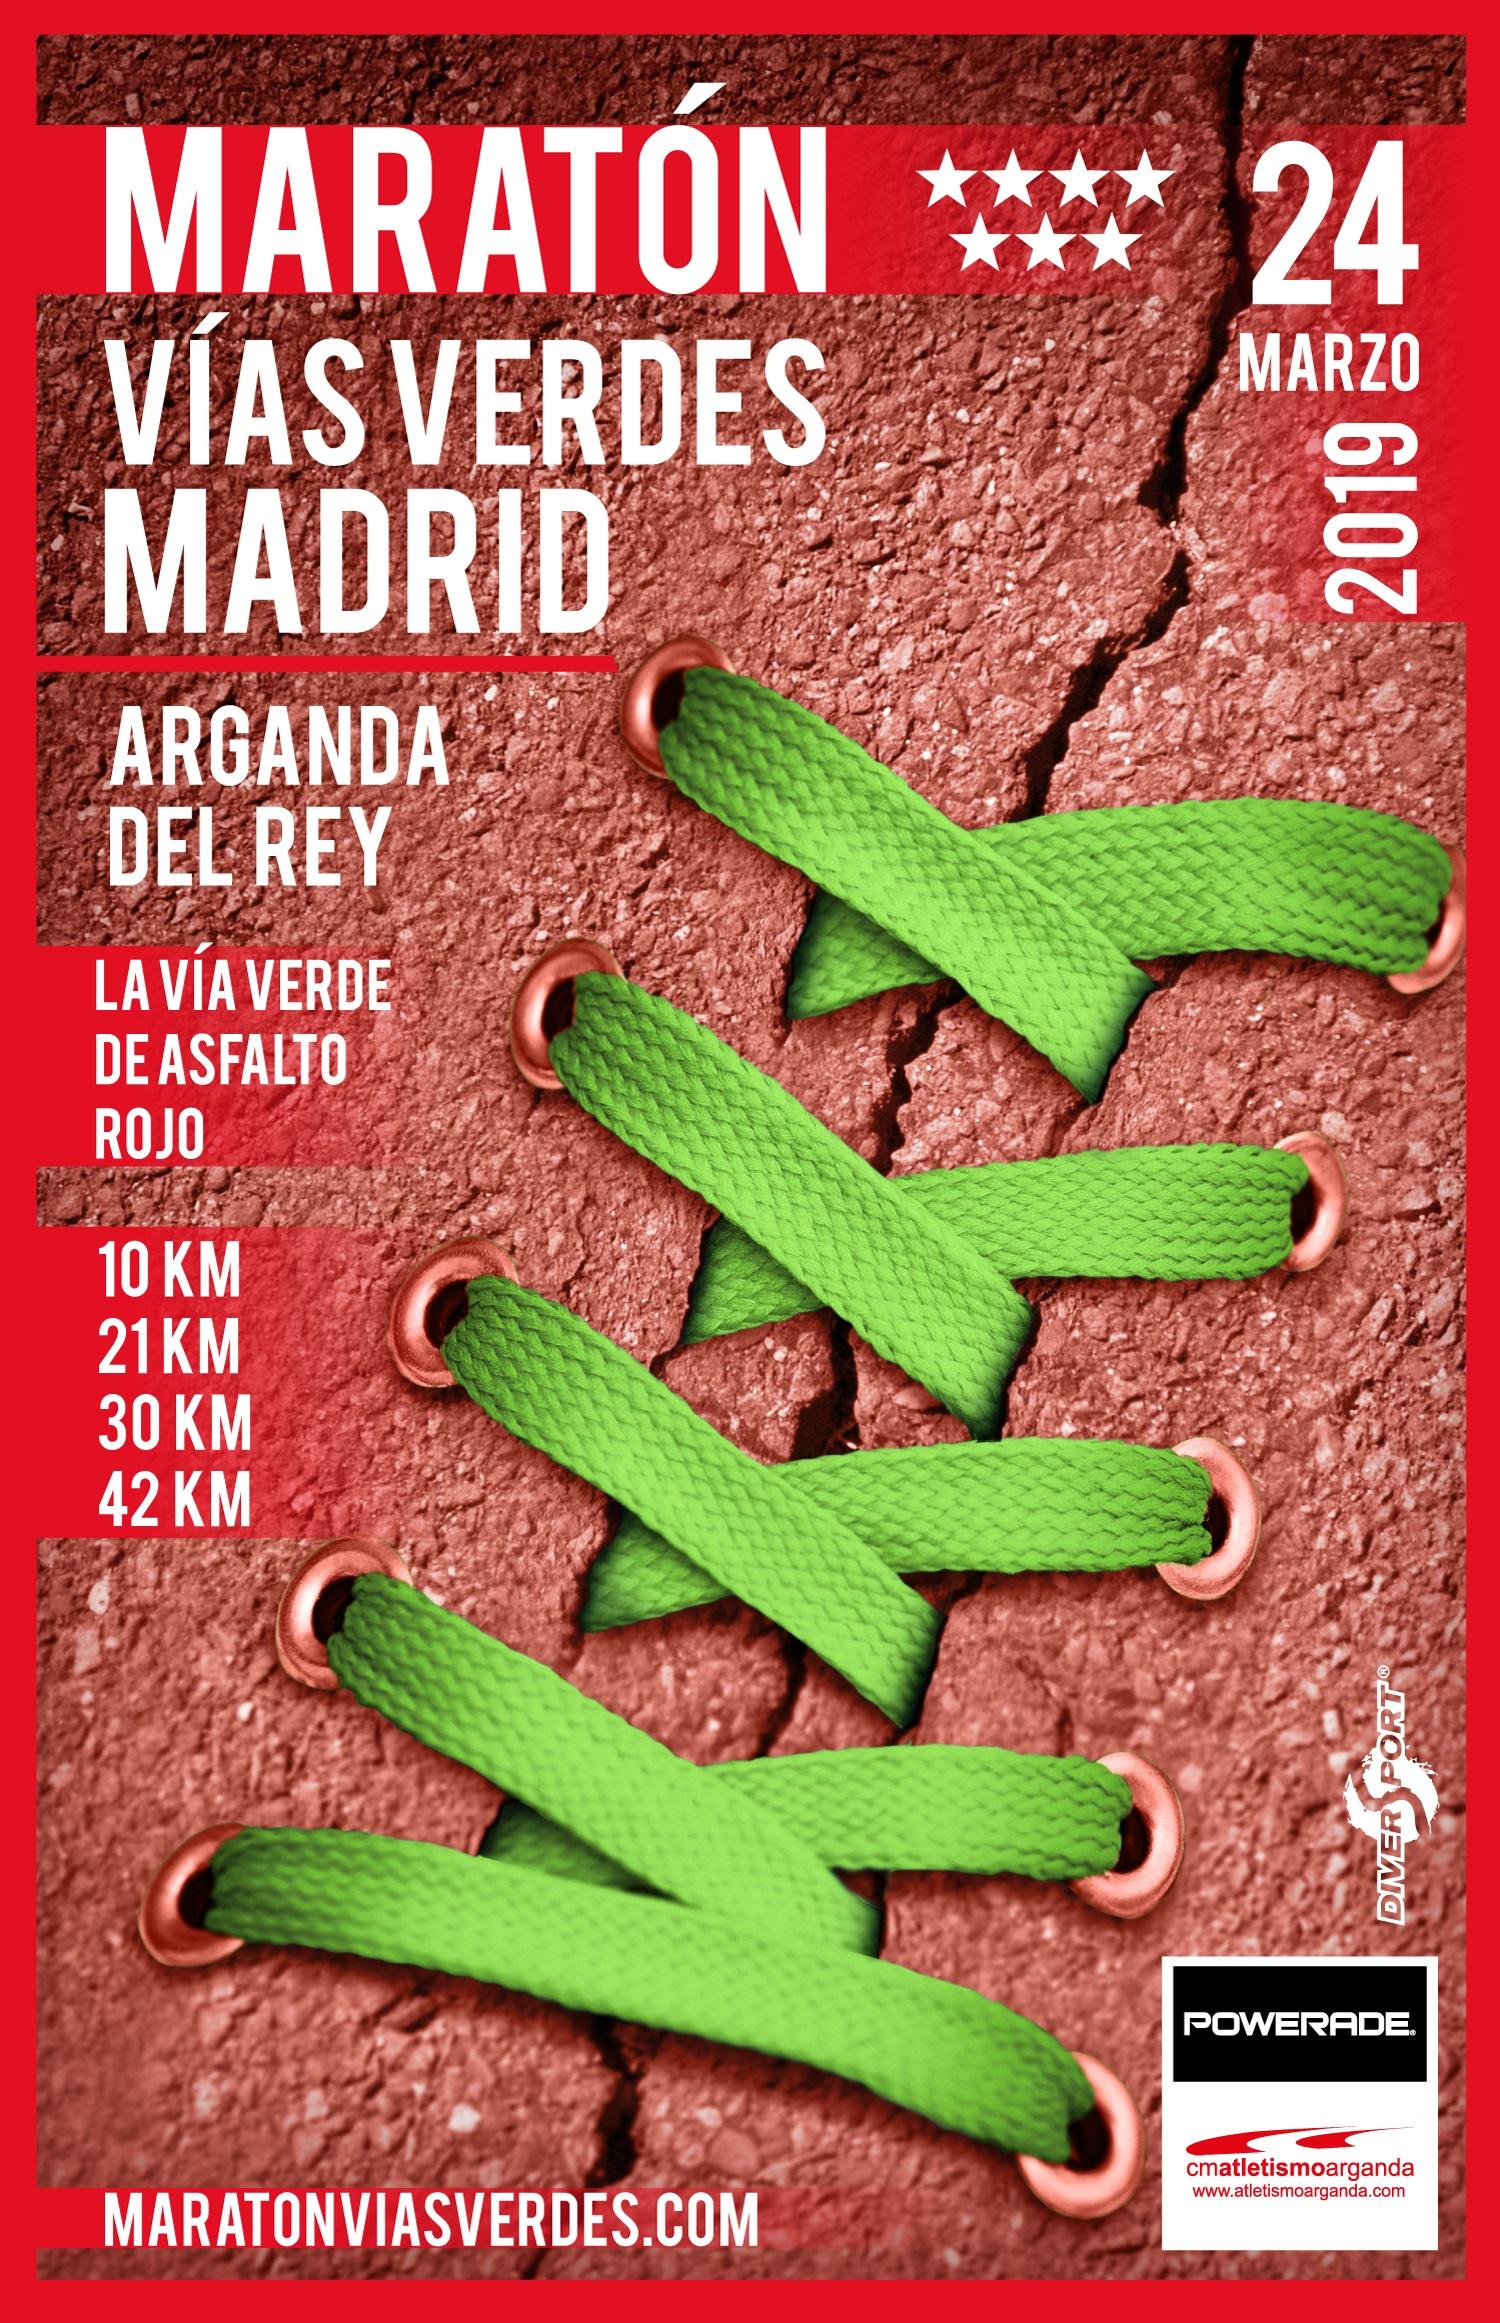 La sexta edición de la Maratón de las Vías Verdes se celebrará el 24 de marzo